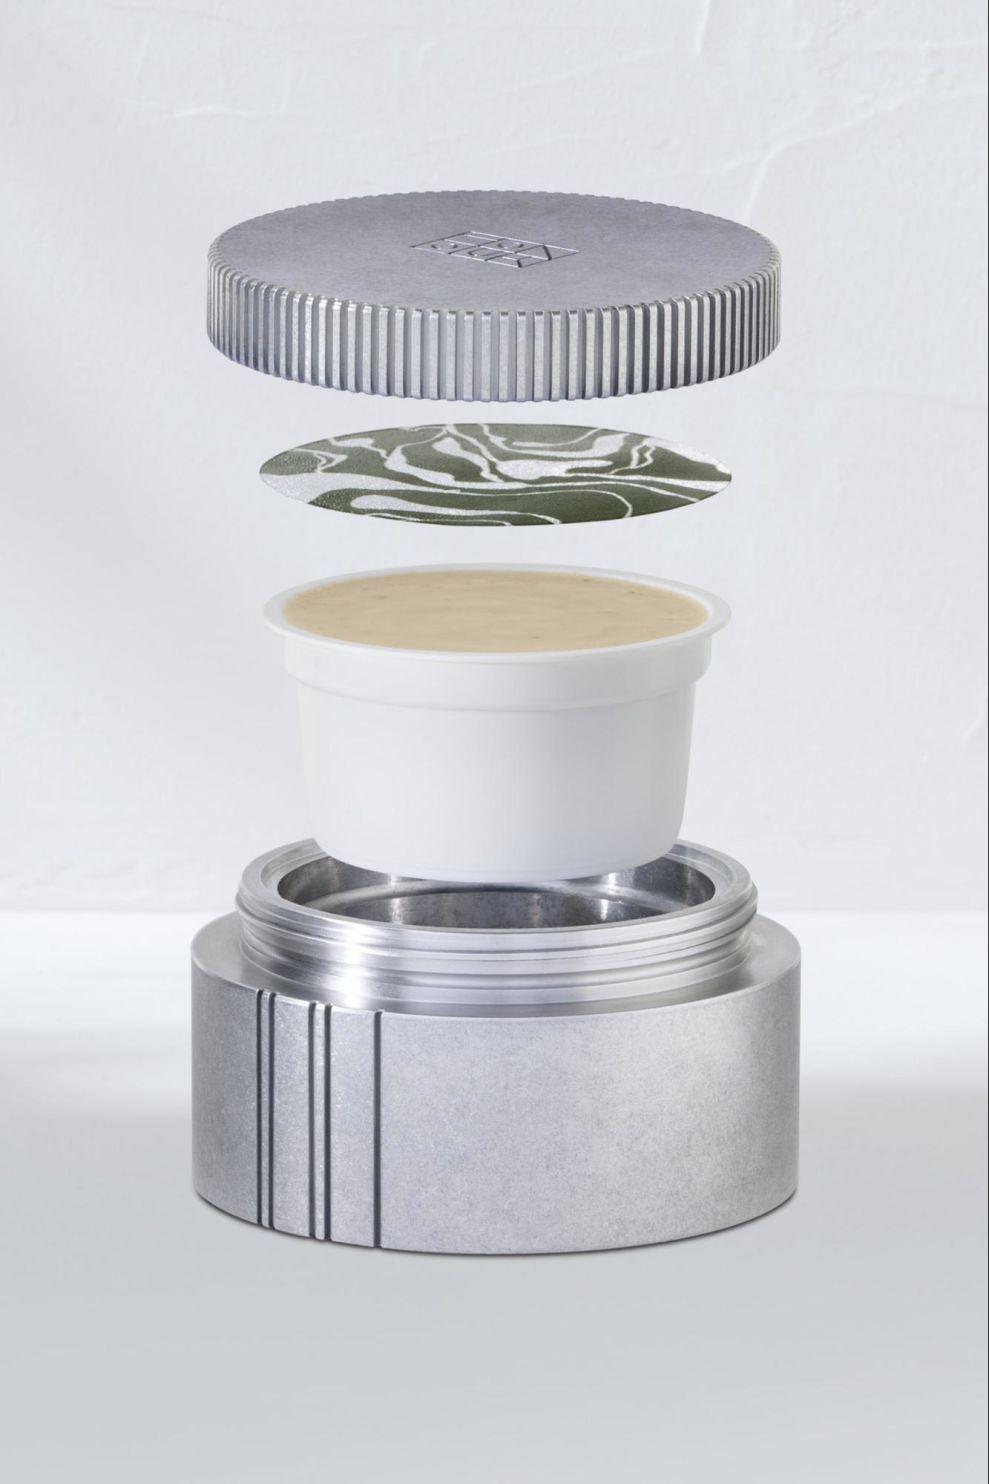 HONOUR Essentials Skincare Creative Package Design